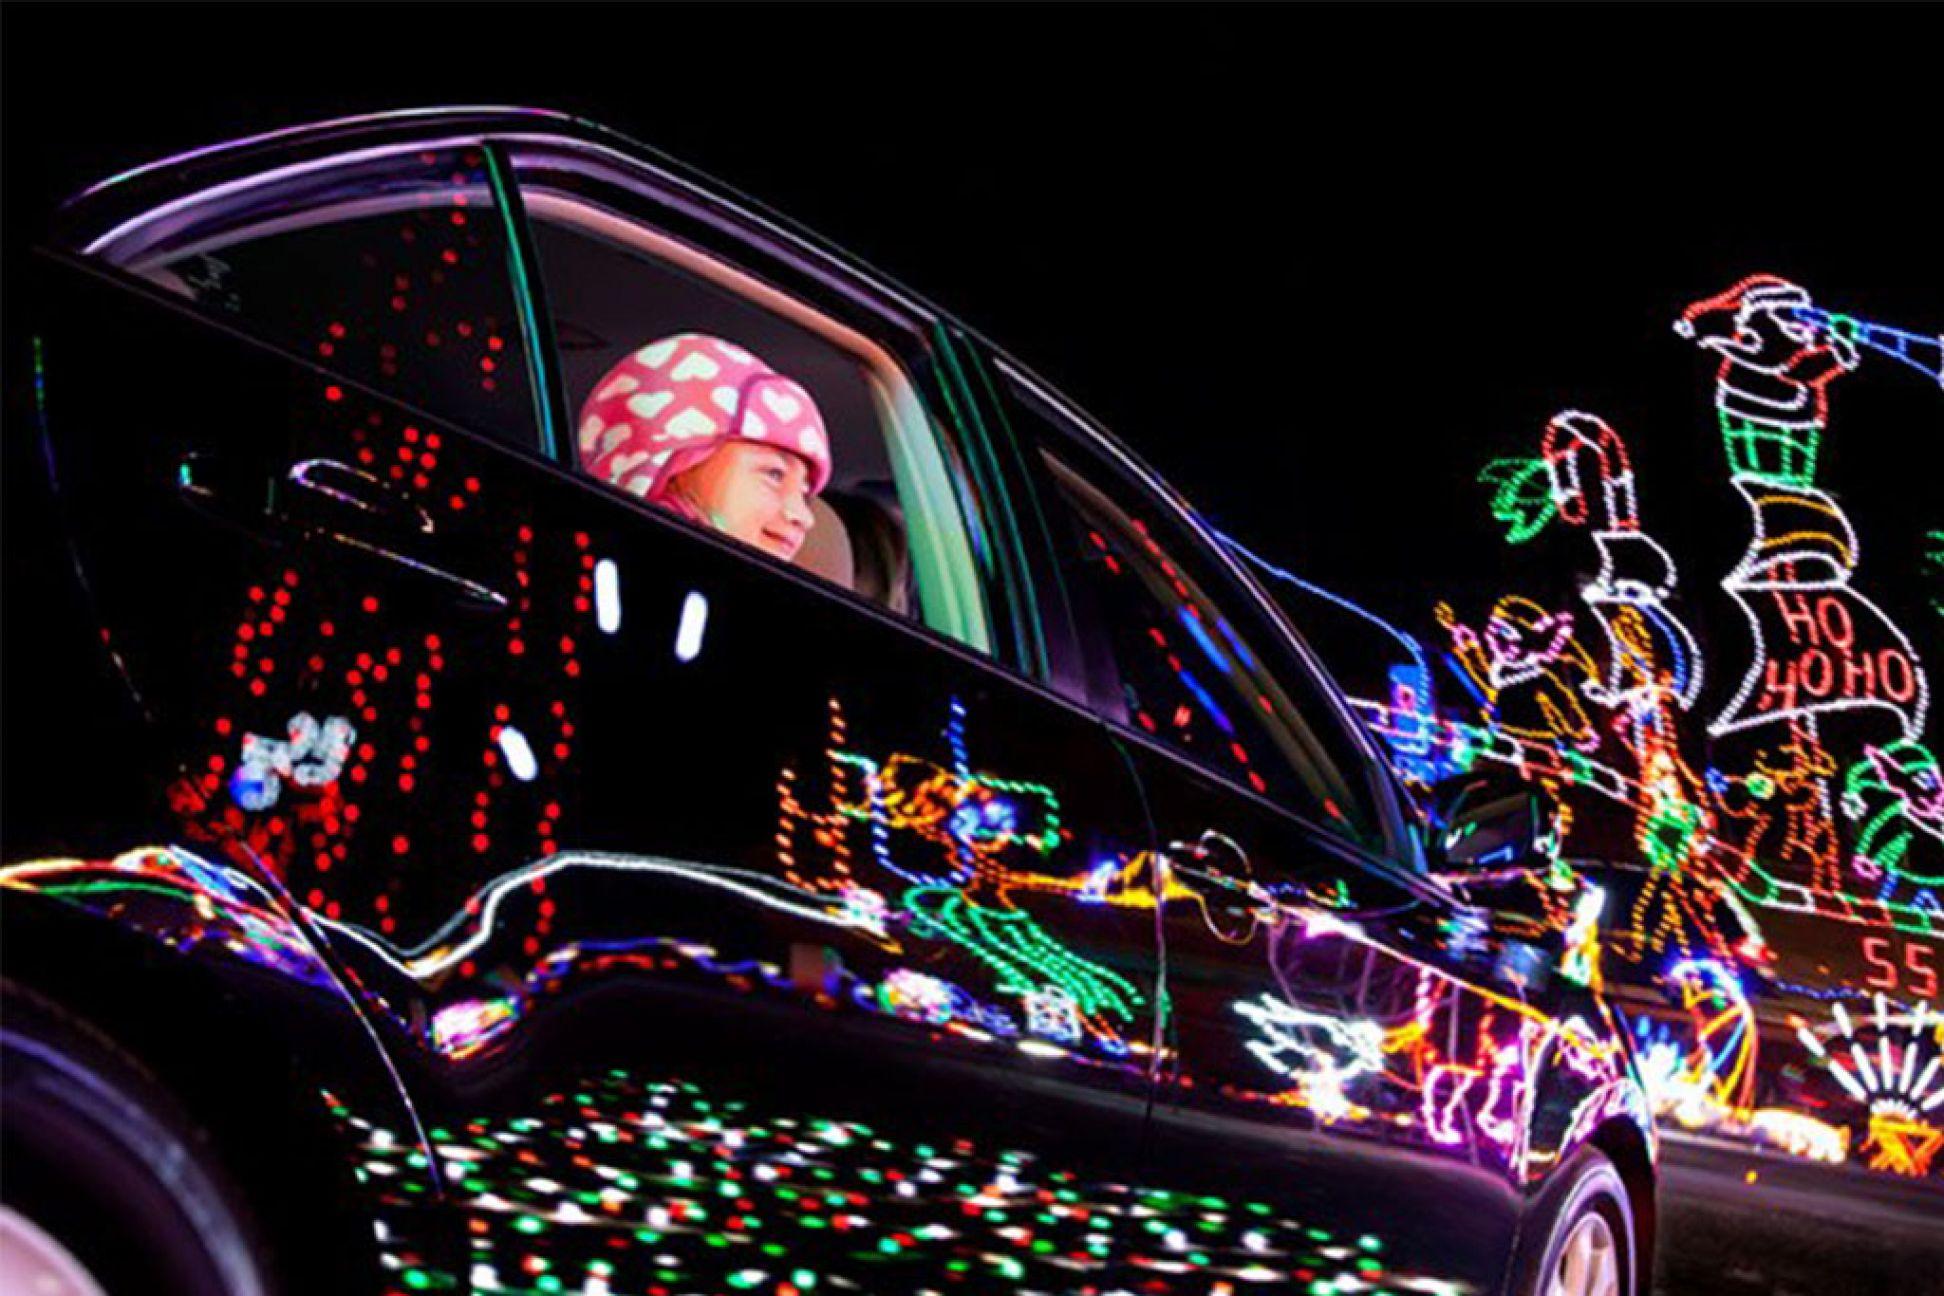 Gatlinburg December events, Pigeon Forge December events, Sevierville December events